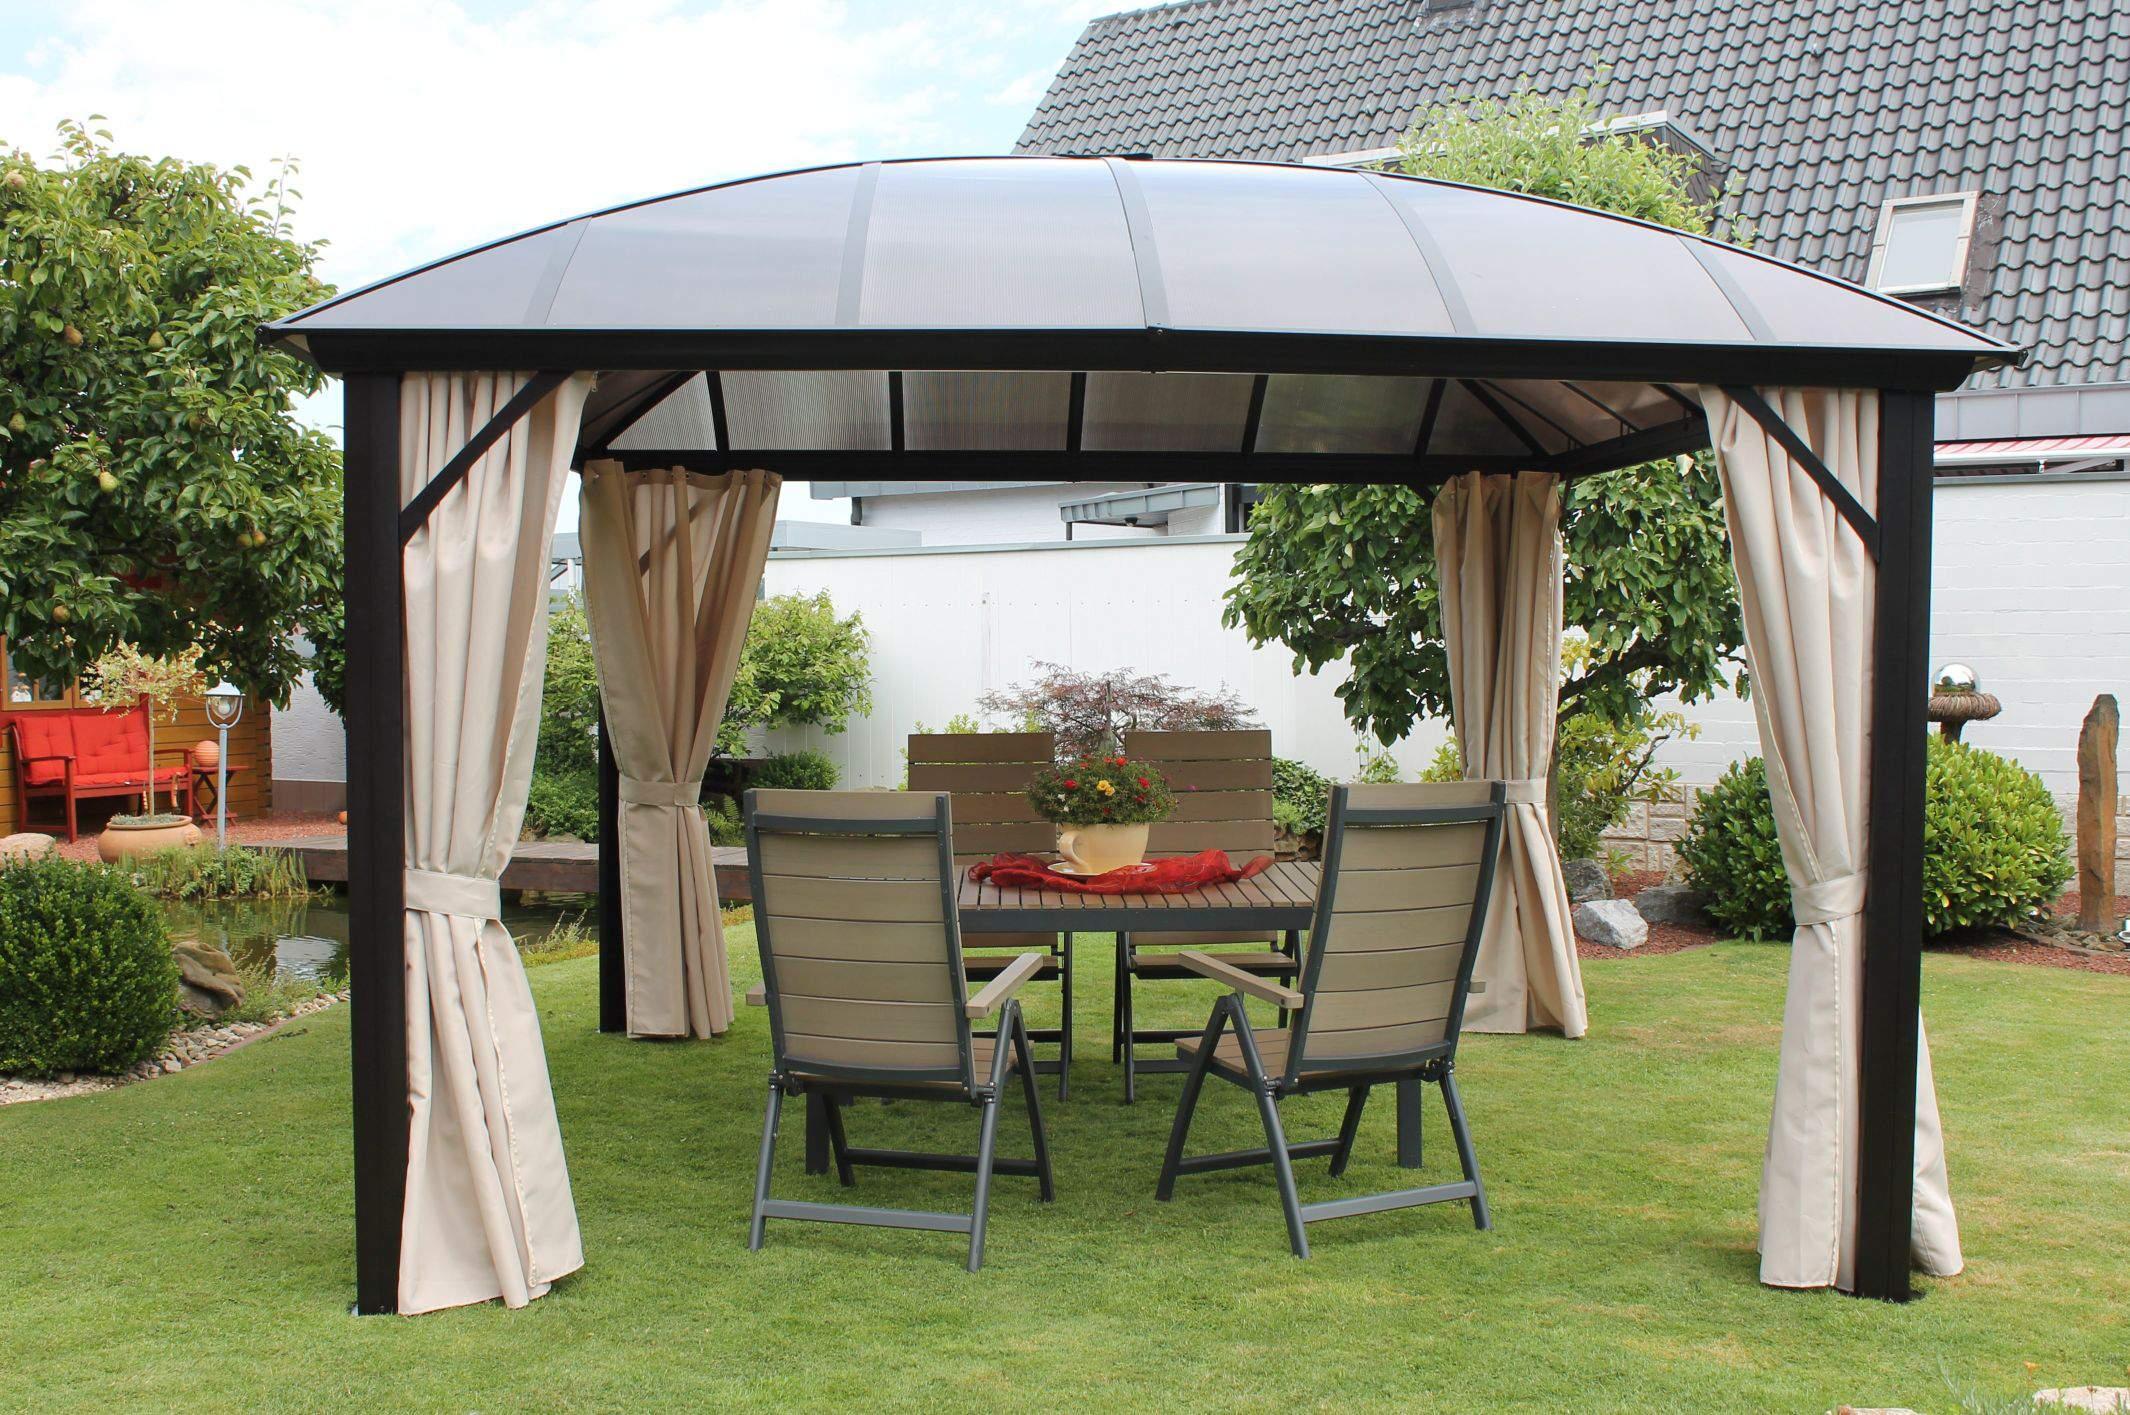 Pavillon Garten Elegant Leco Kuppeldachpavillon Garten Pavillon sonnenschutz Festzelt Partyzelt Natur